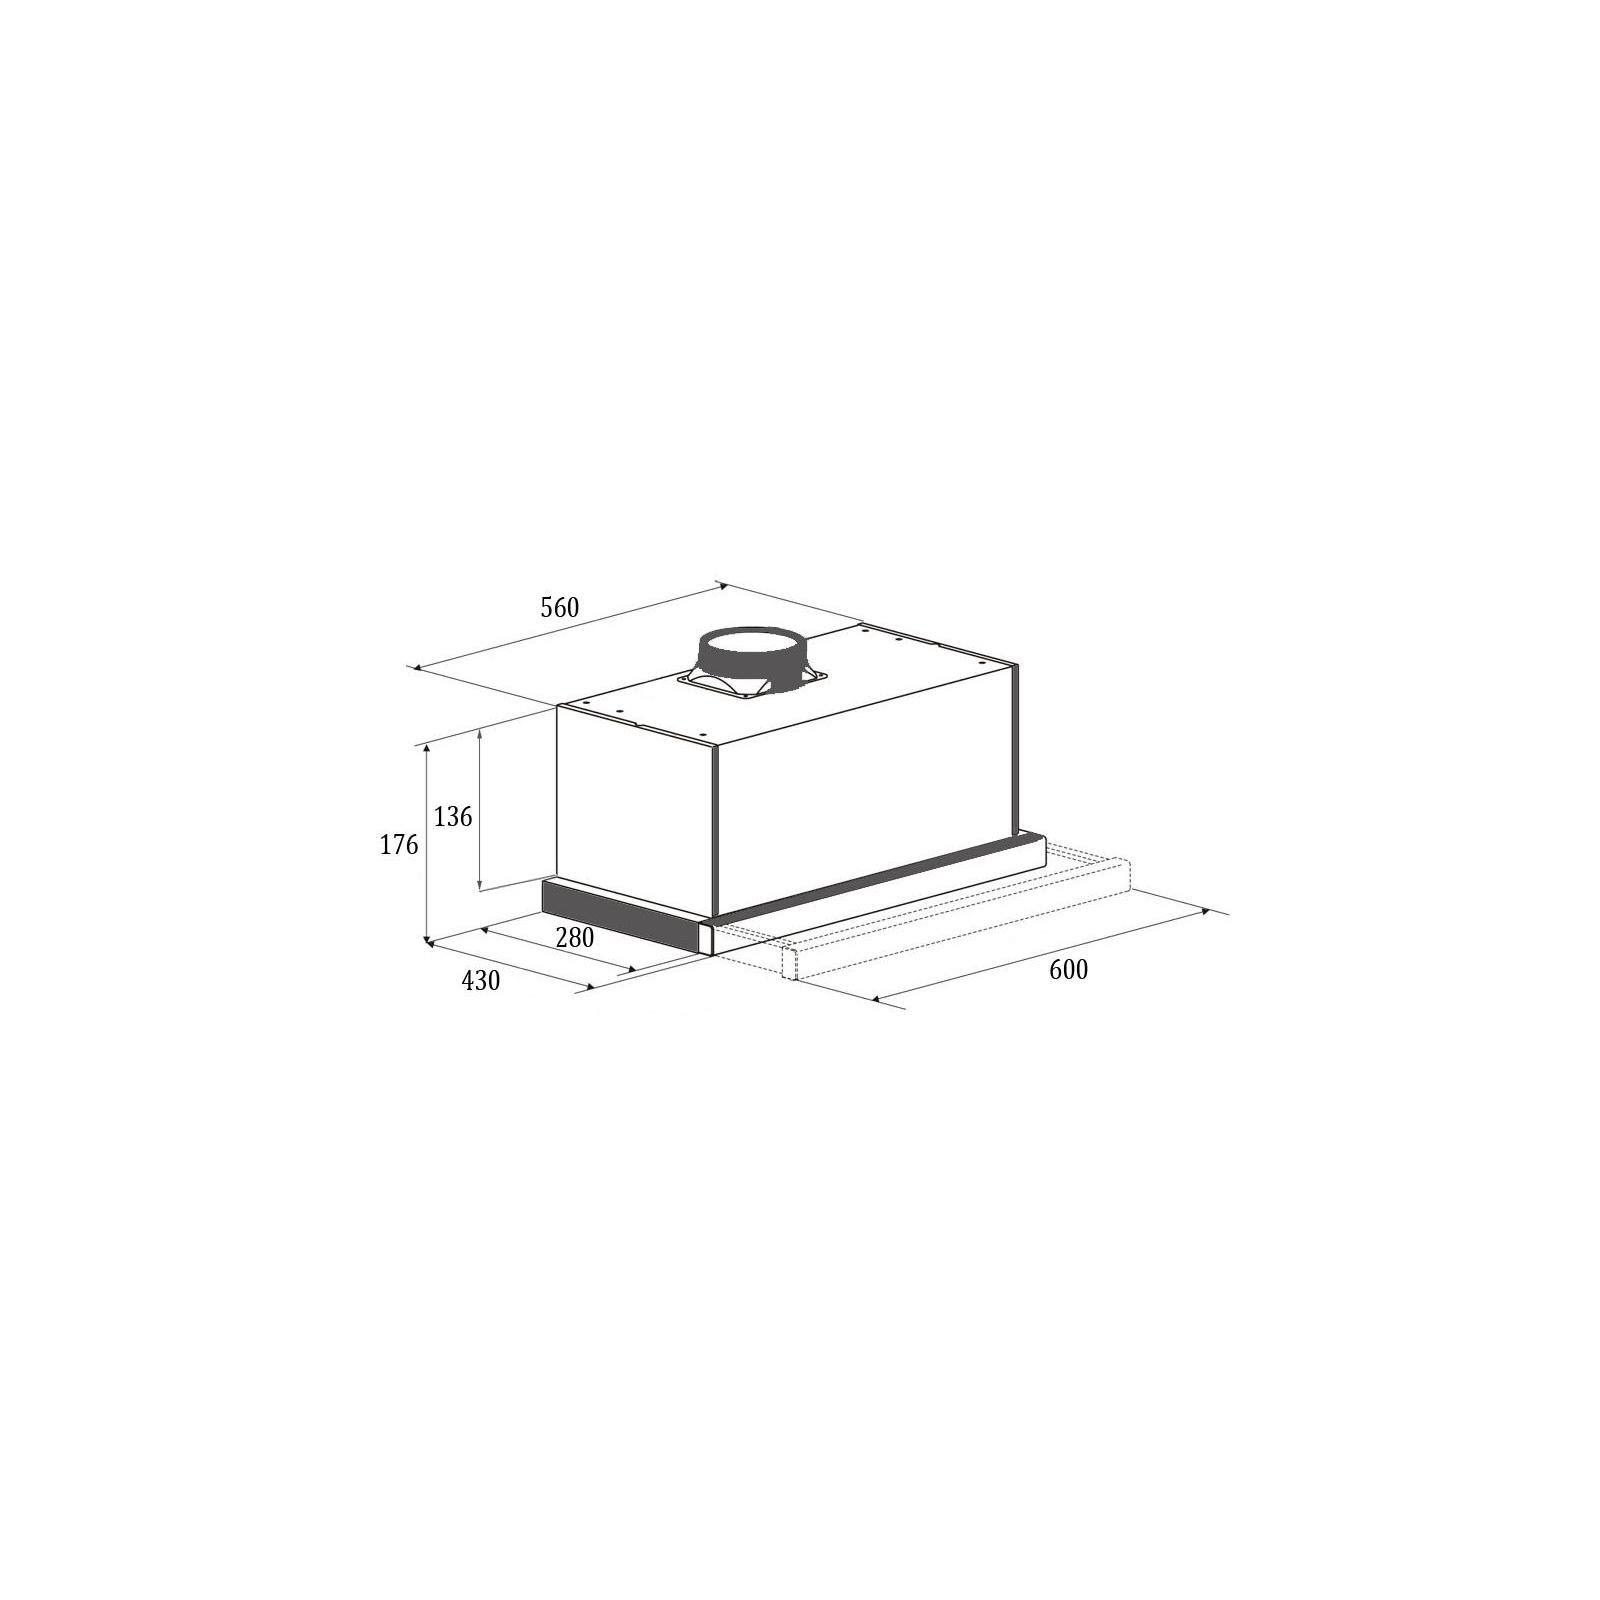 Вытяжка кухонная GUNTER&HAUER AGNA 560 IX изображение 5